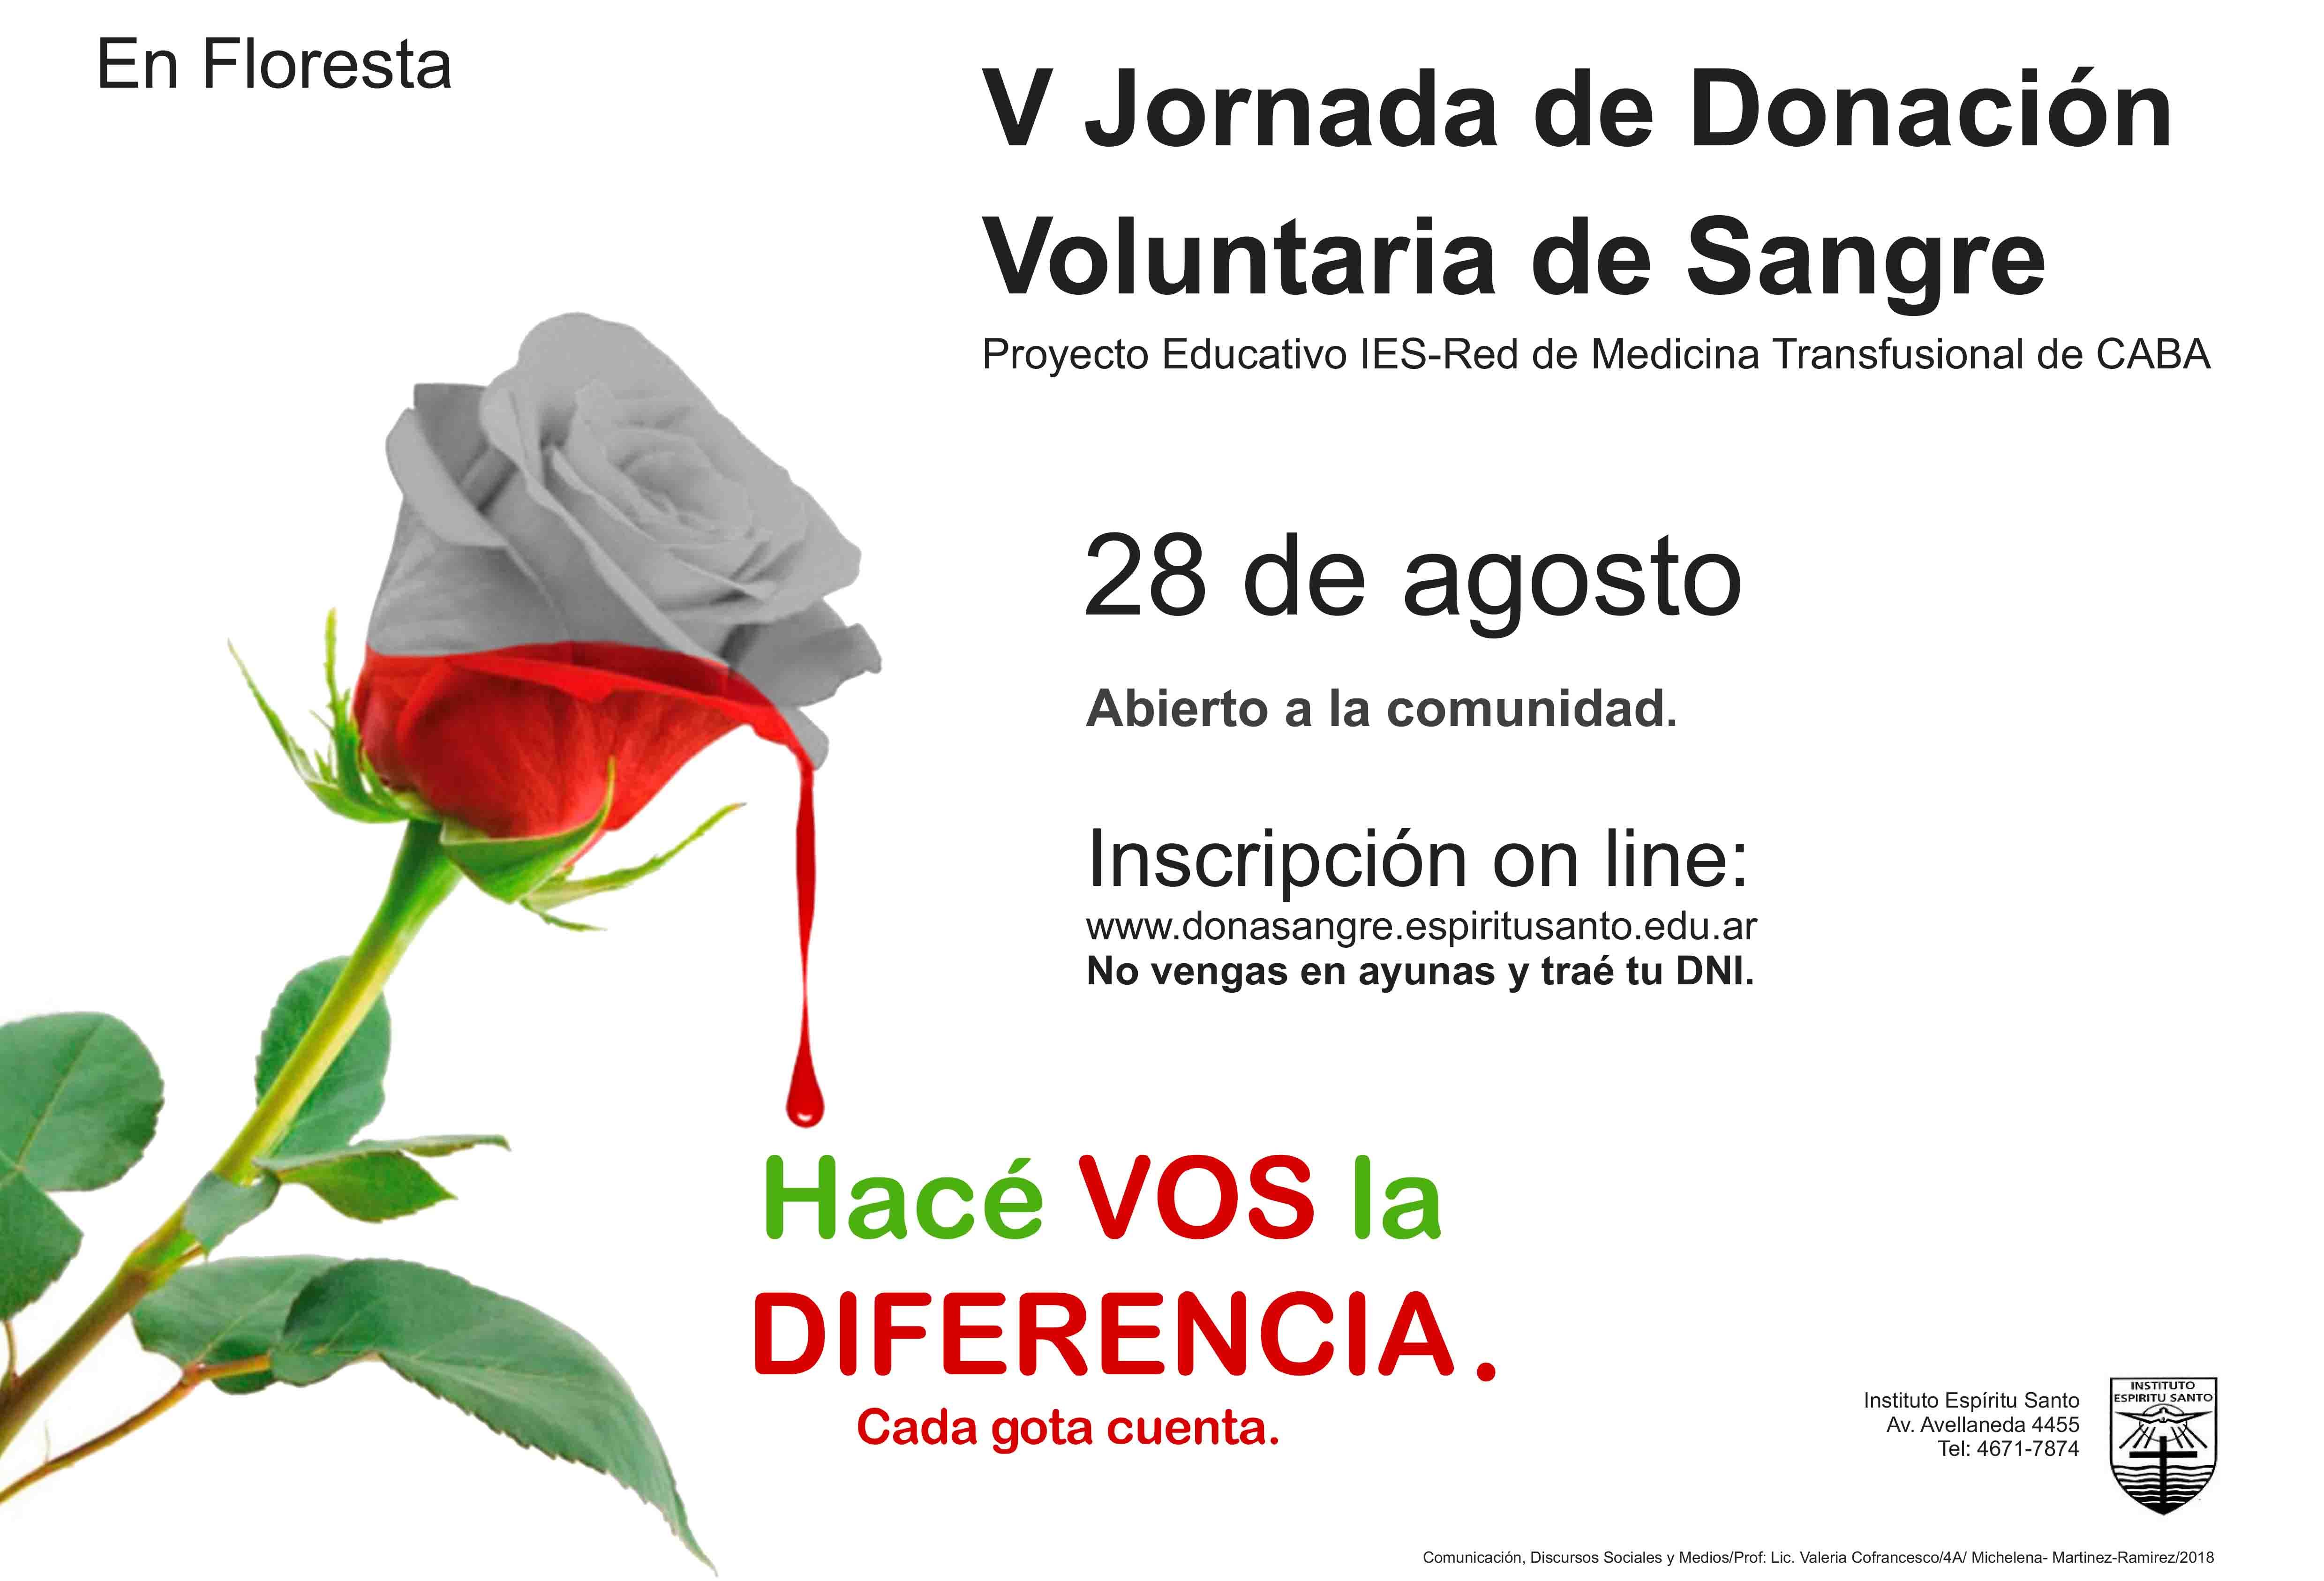 Jornada de Donación de Sangre V